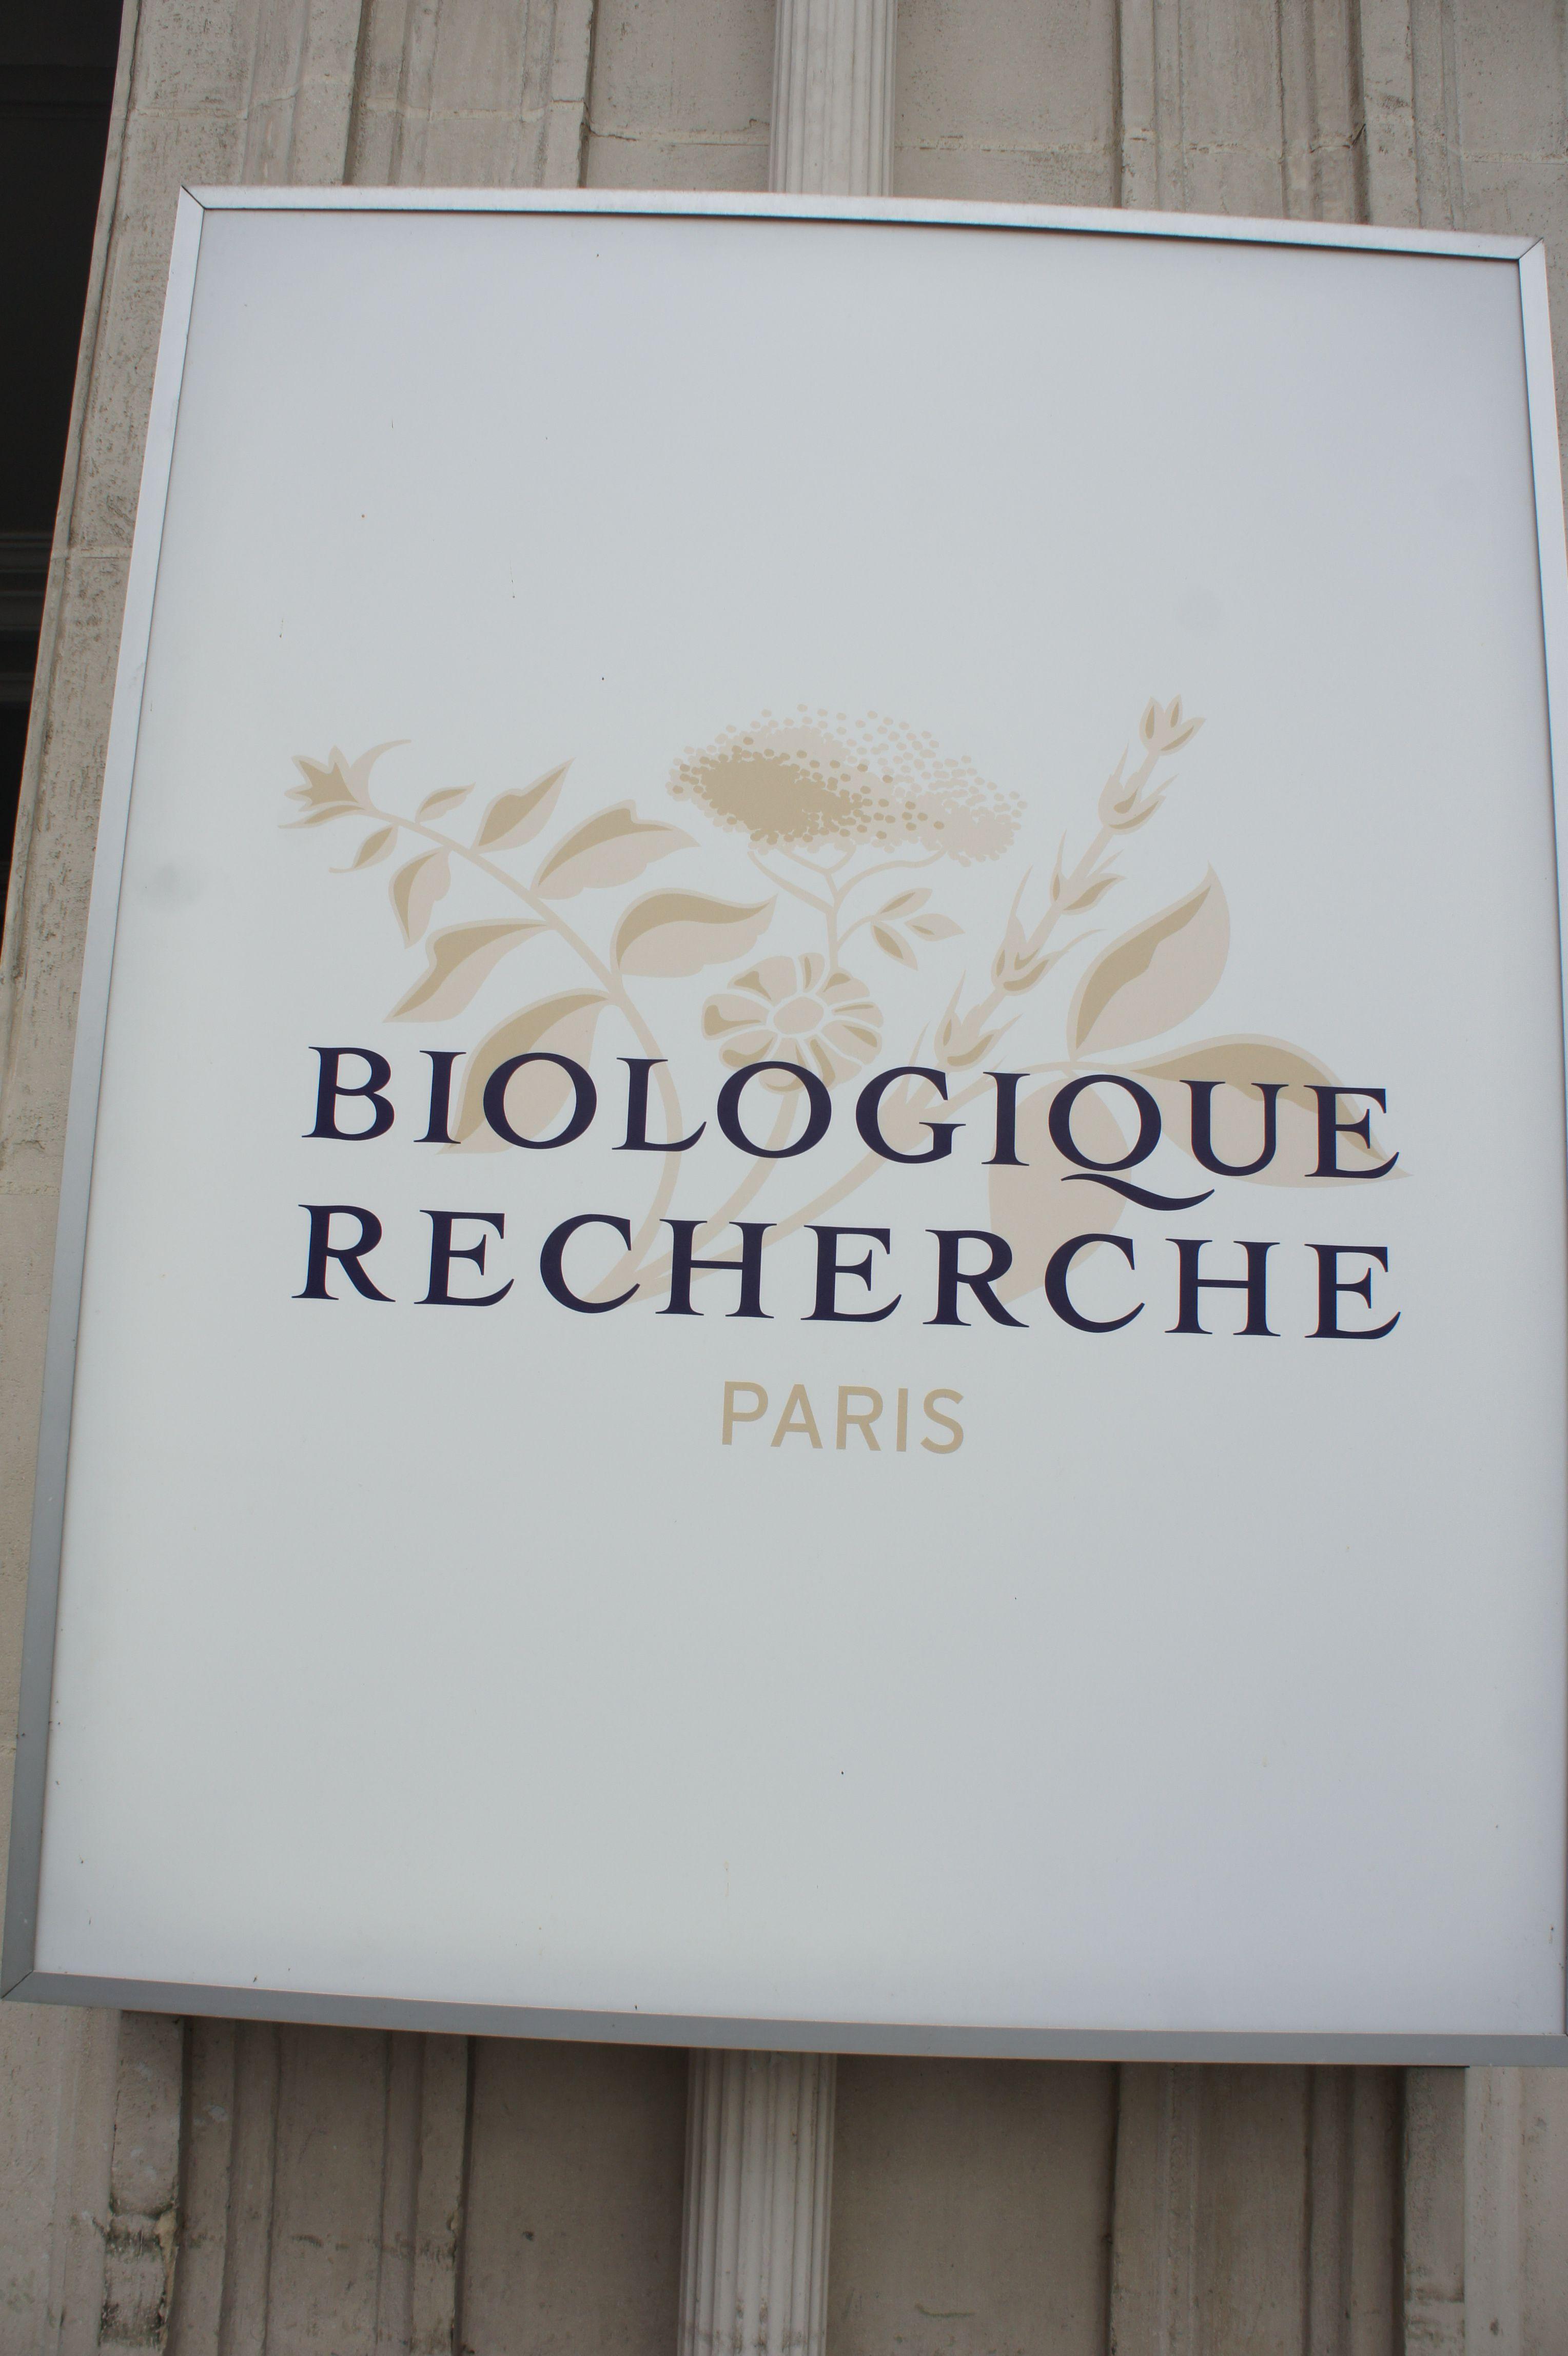 Decor at Biologique Recherche, Paris Spa decor, Novelty